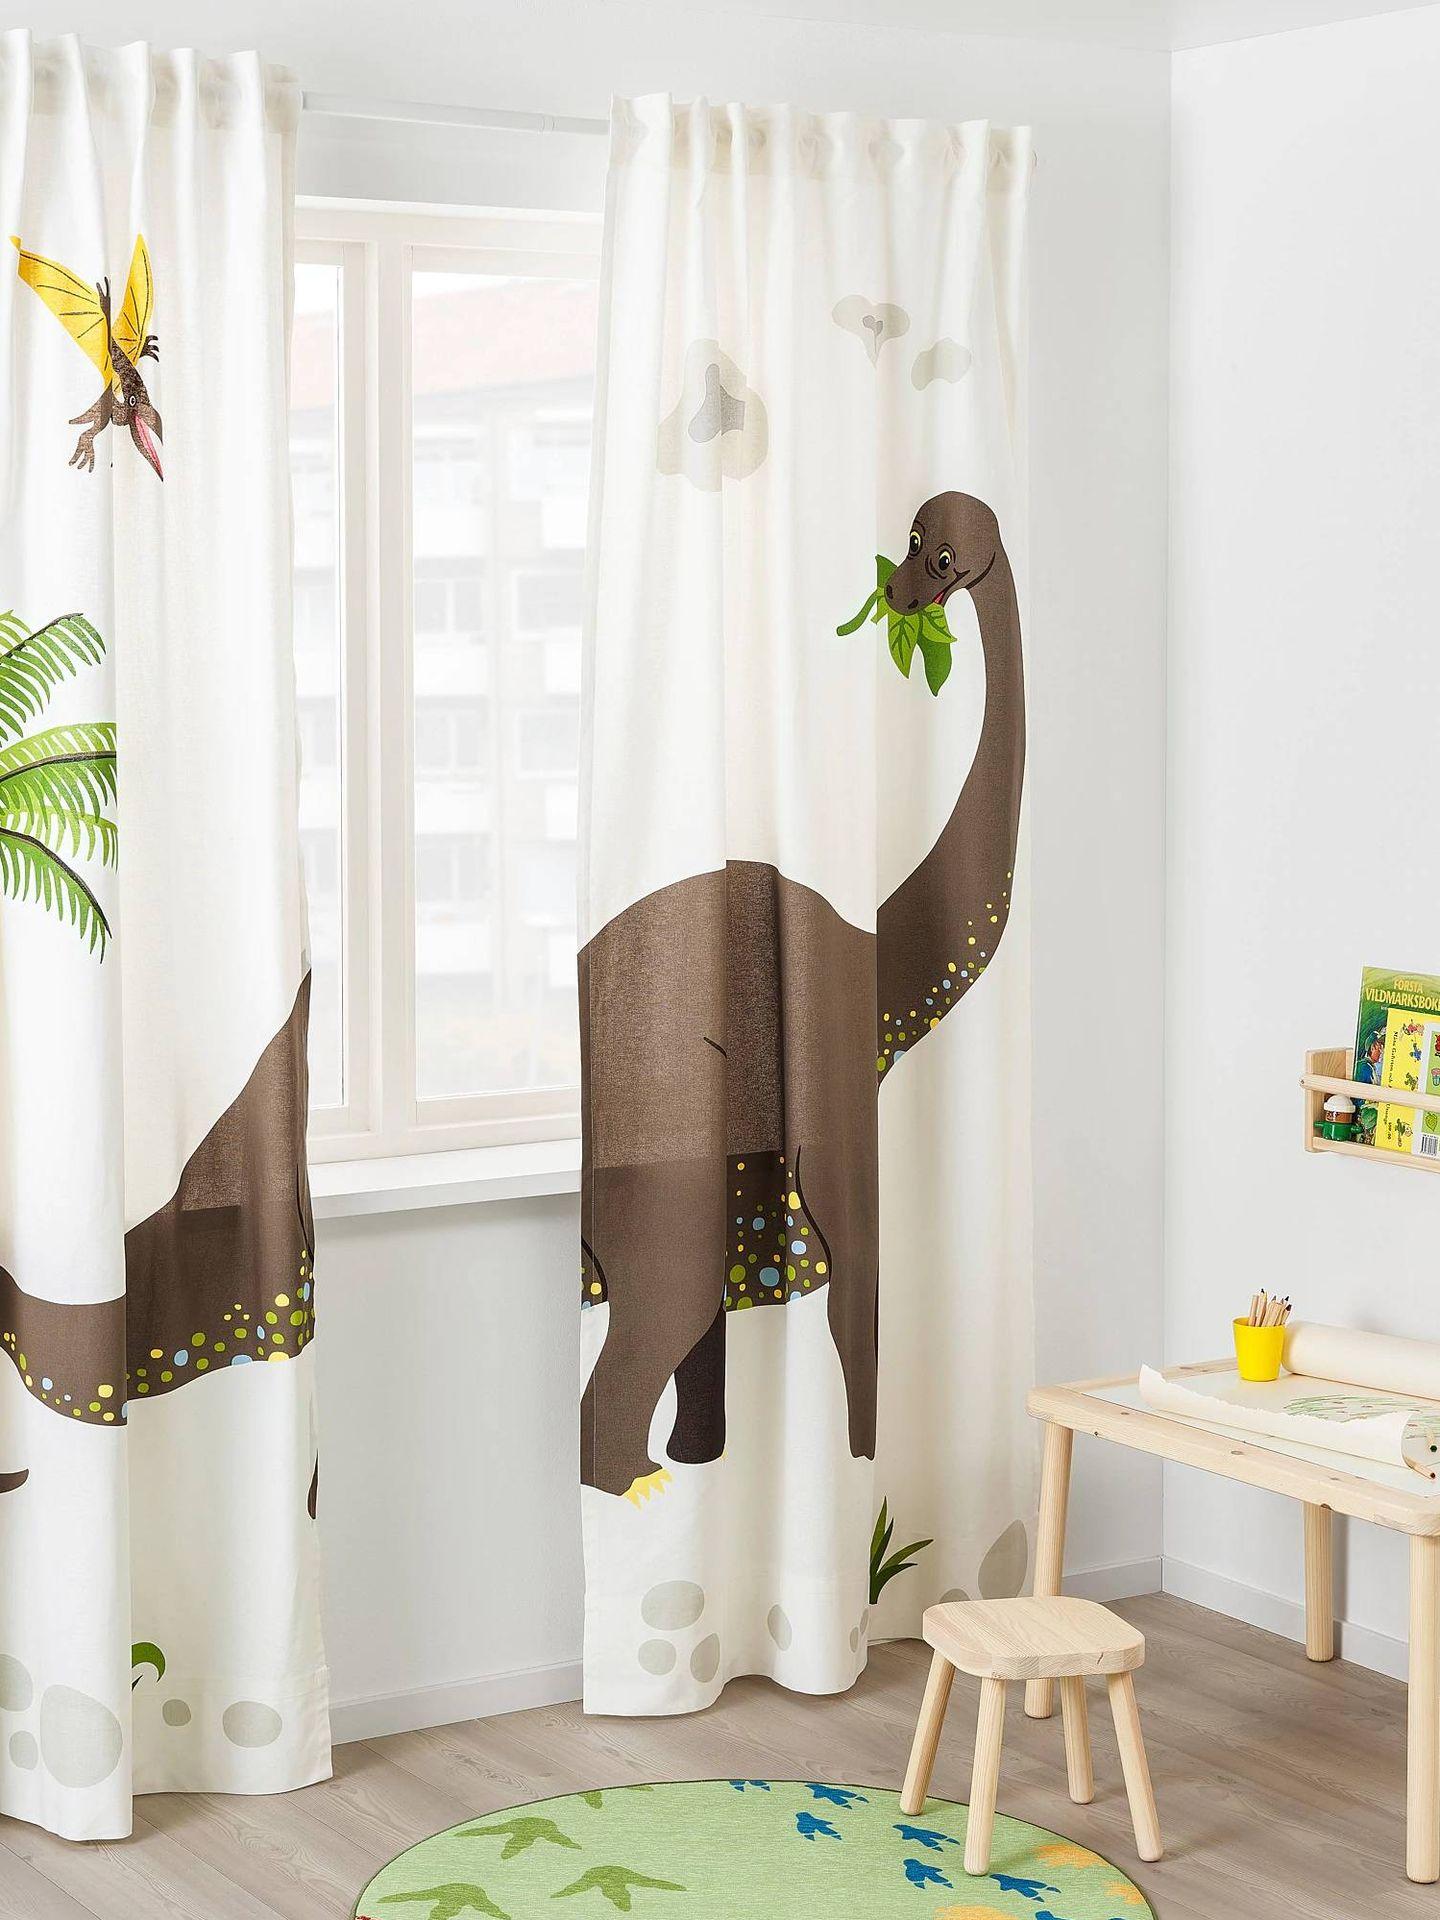 Cortinas infantiles de Ikea perfectas para el cuarto de los niños. (Cortesía)